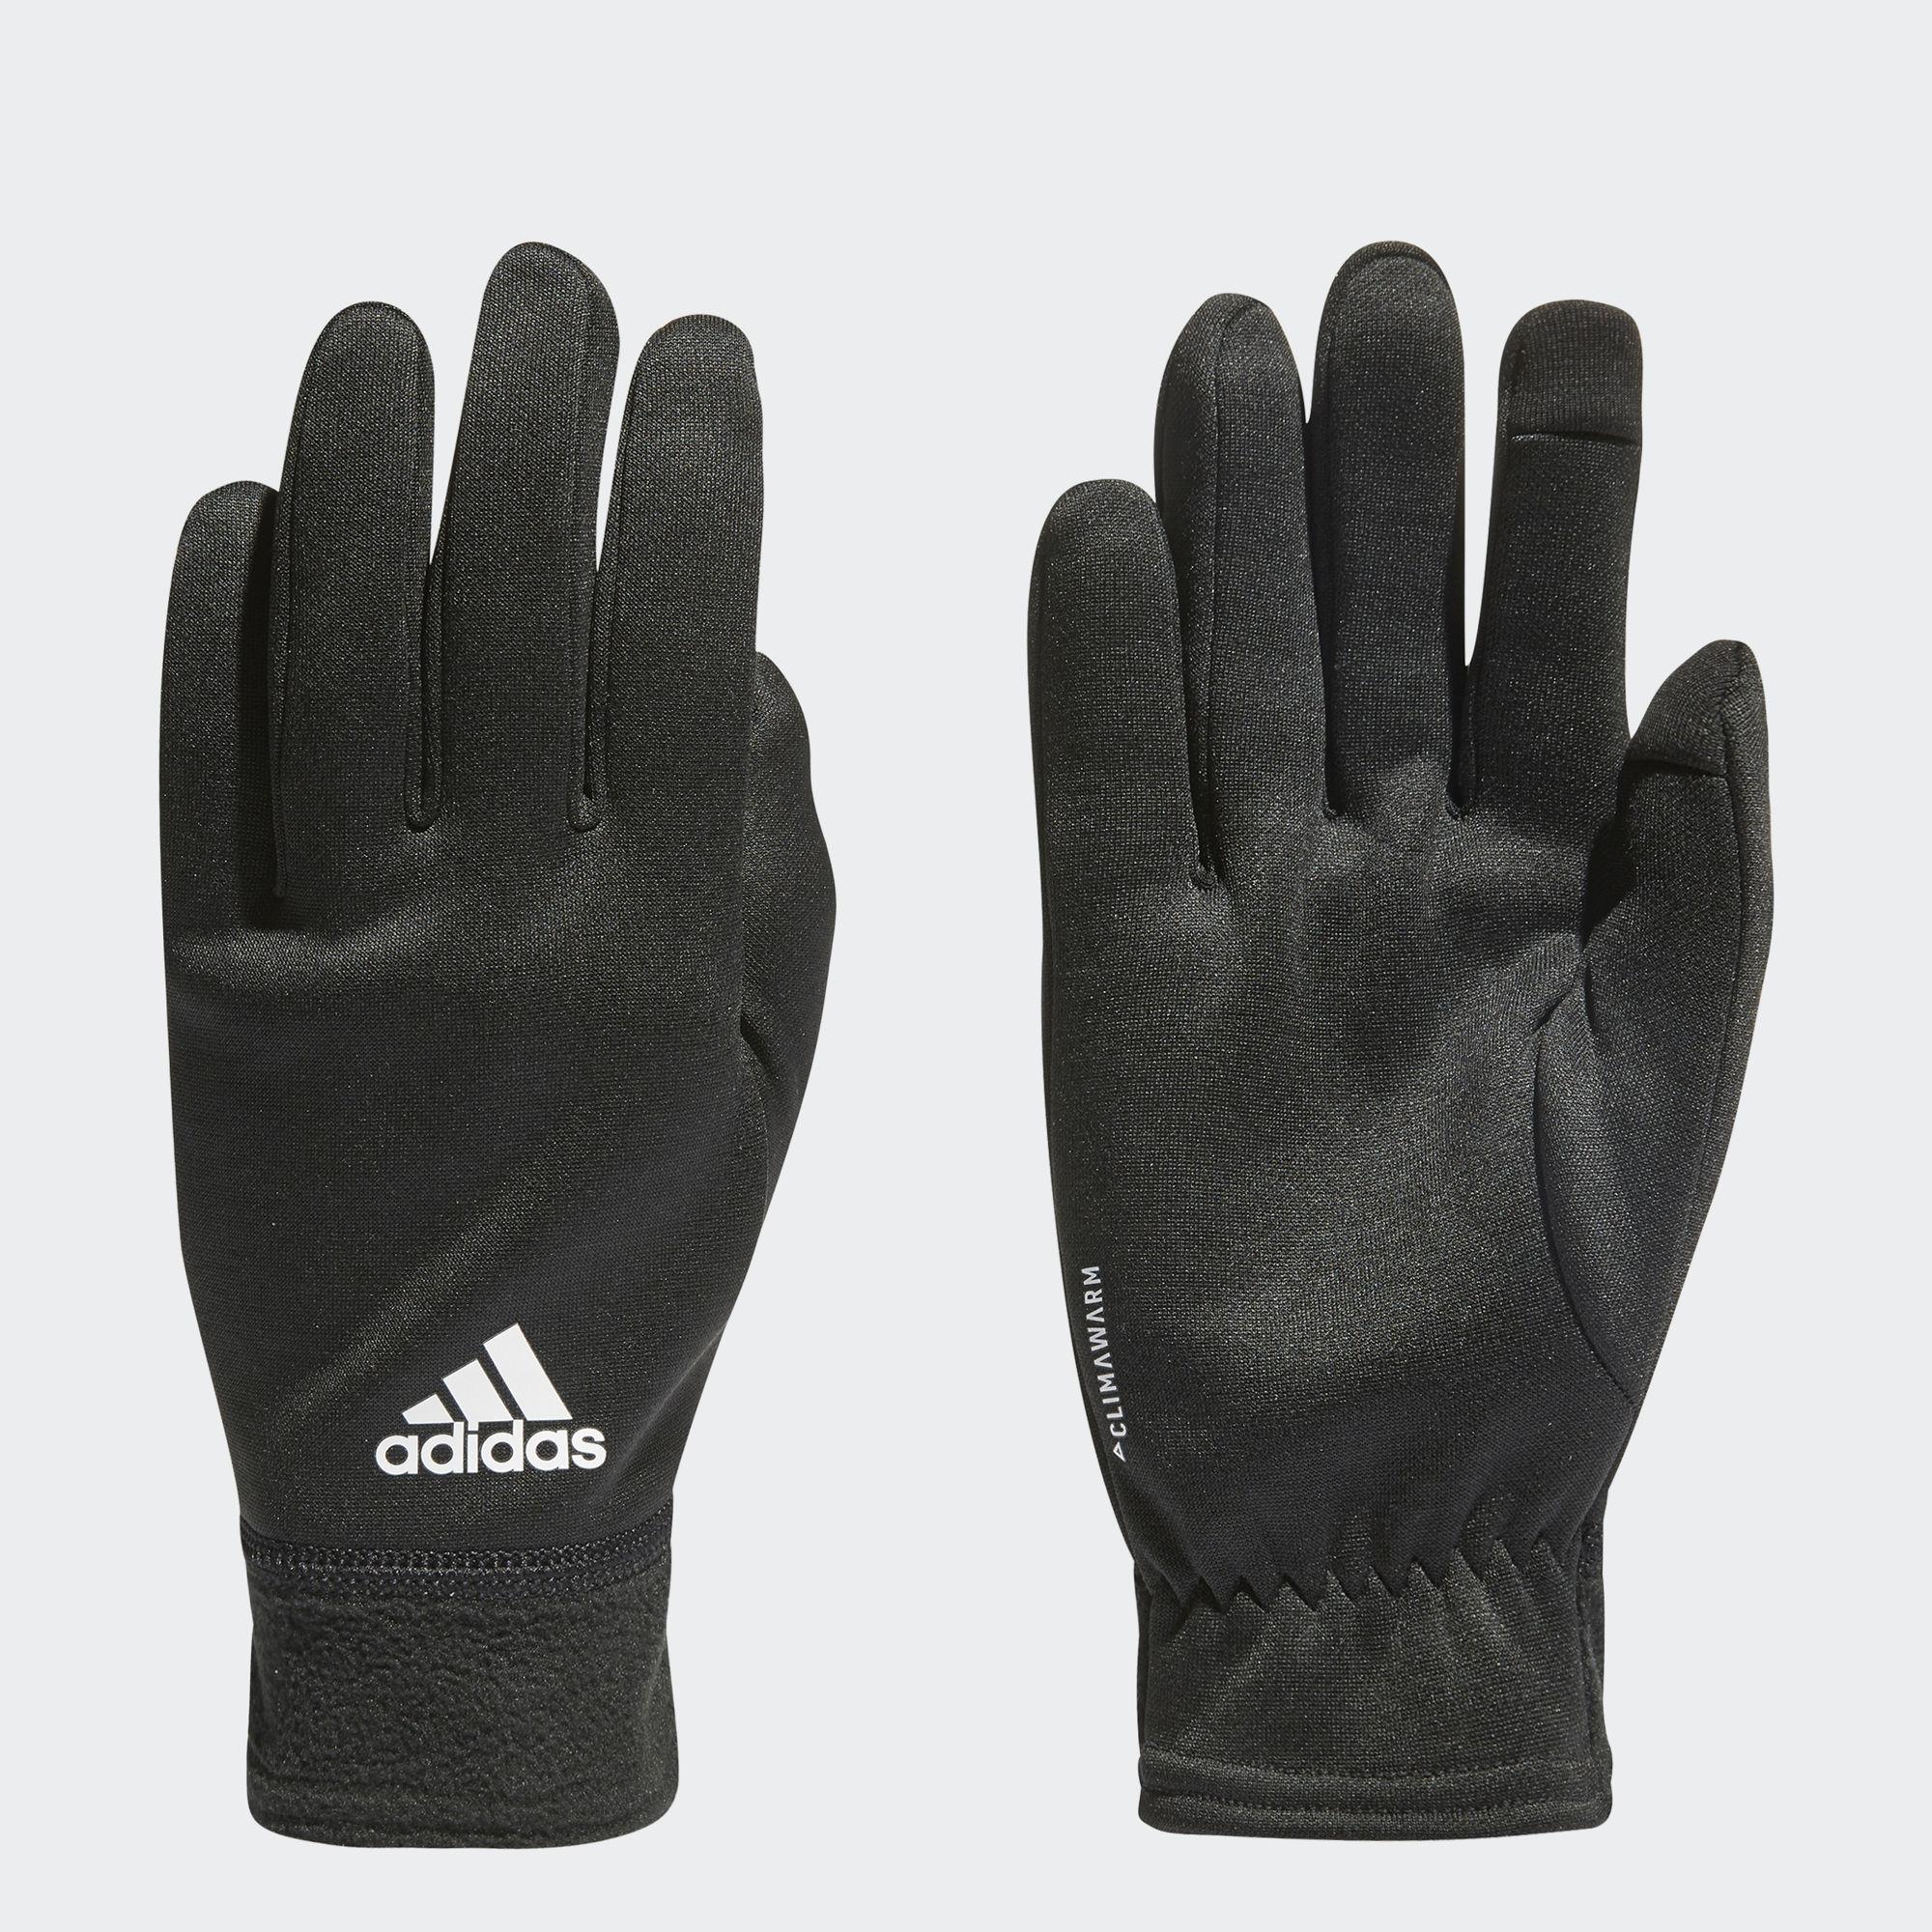 adidas Climawarm Fleece Gloves in Schwarz